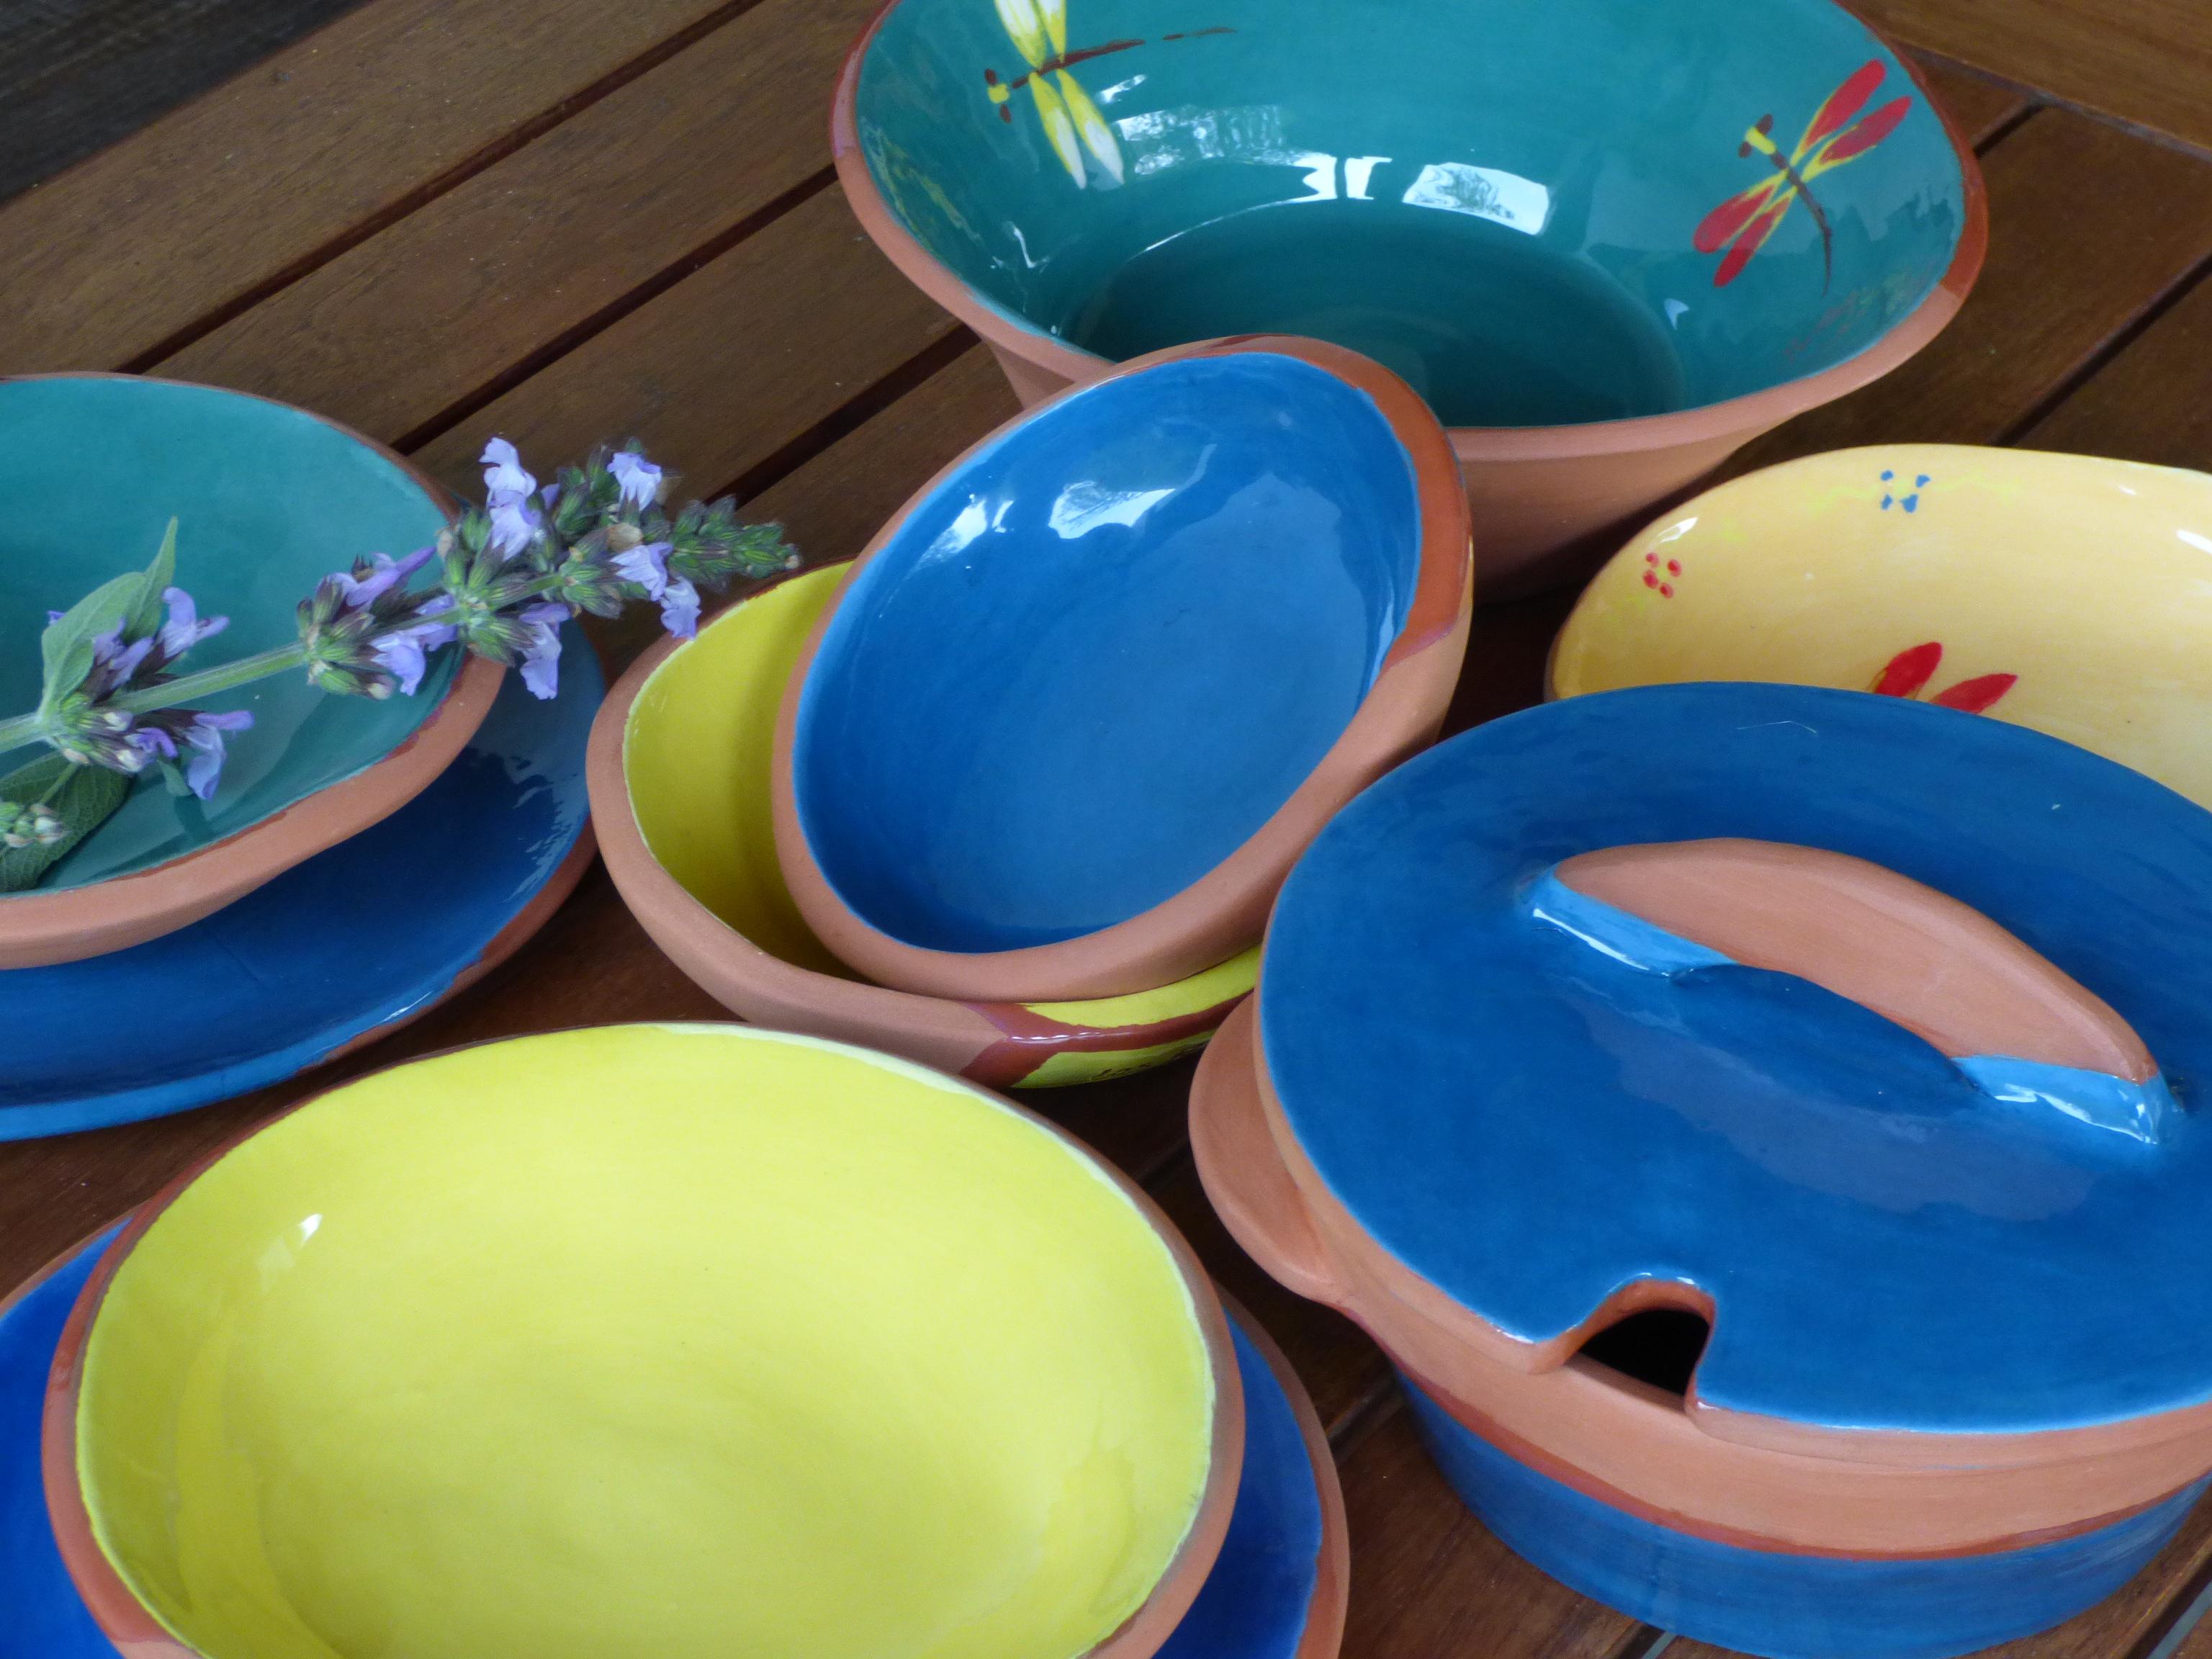 Engobe cer mica los riegos - Platos ceramica colores ...